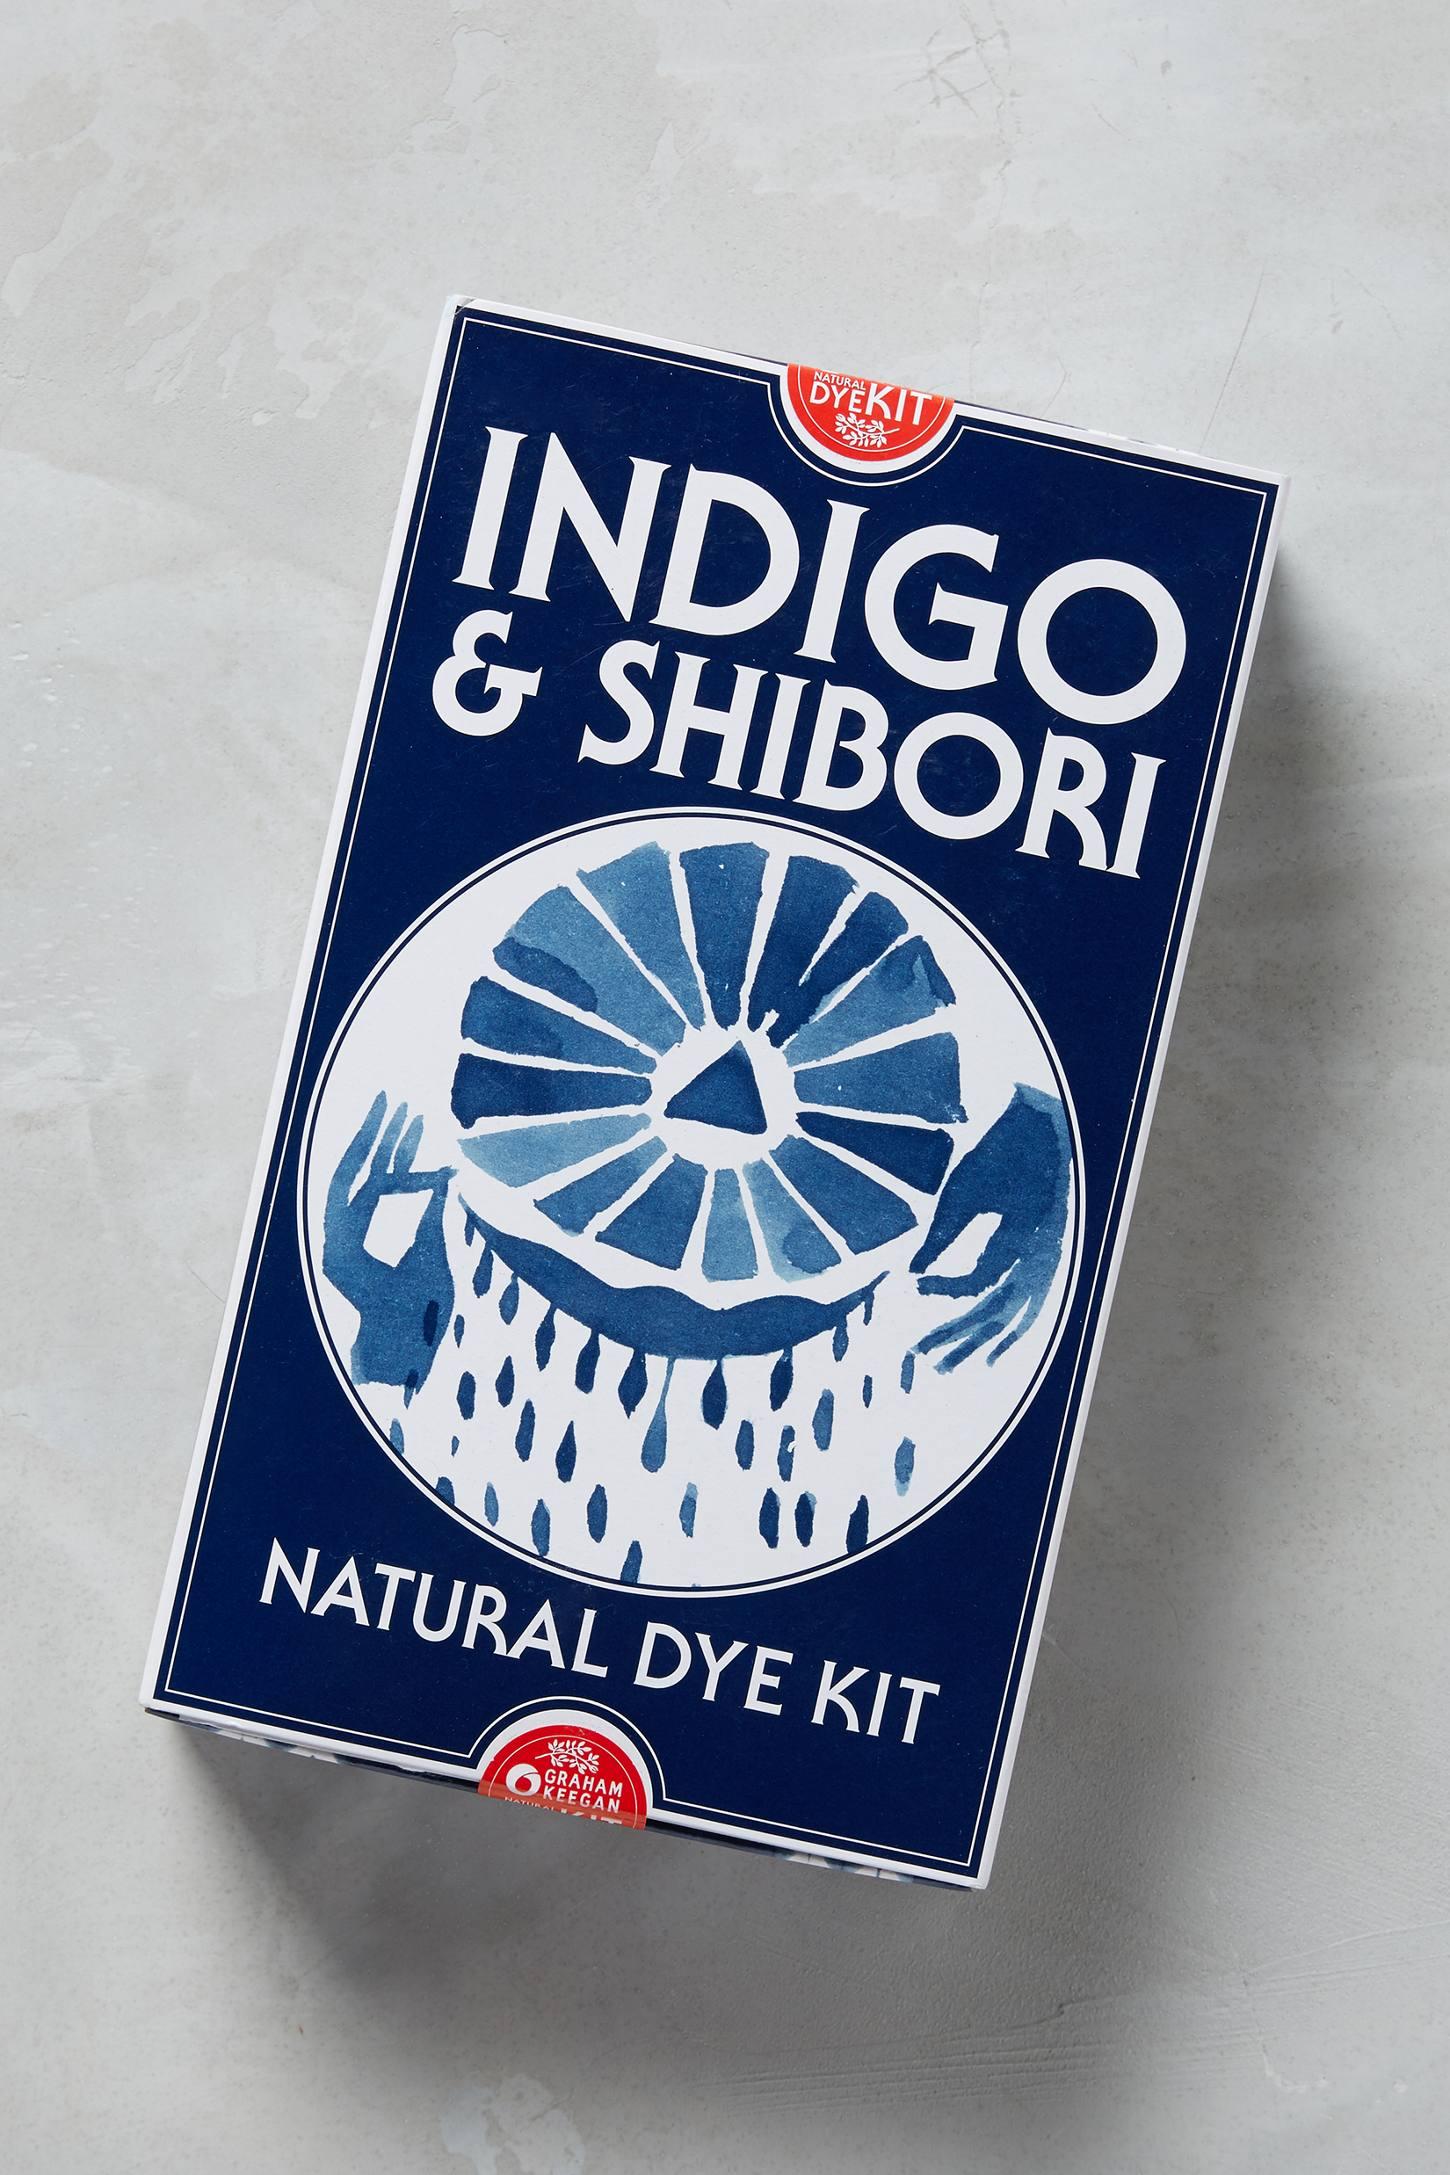 Indigo and Shibori kit from Anthropologie